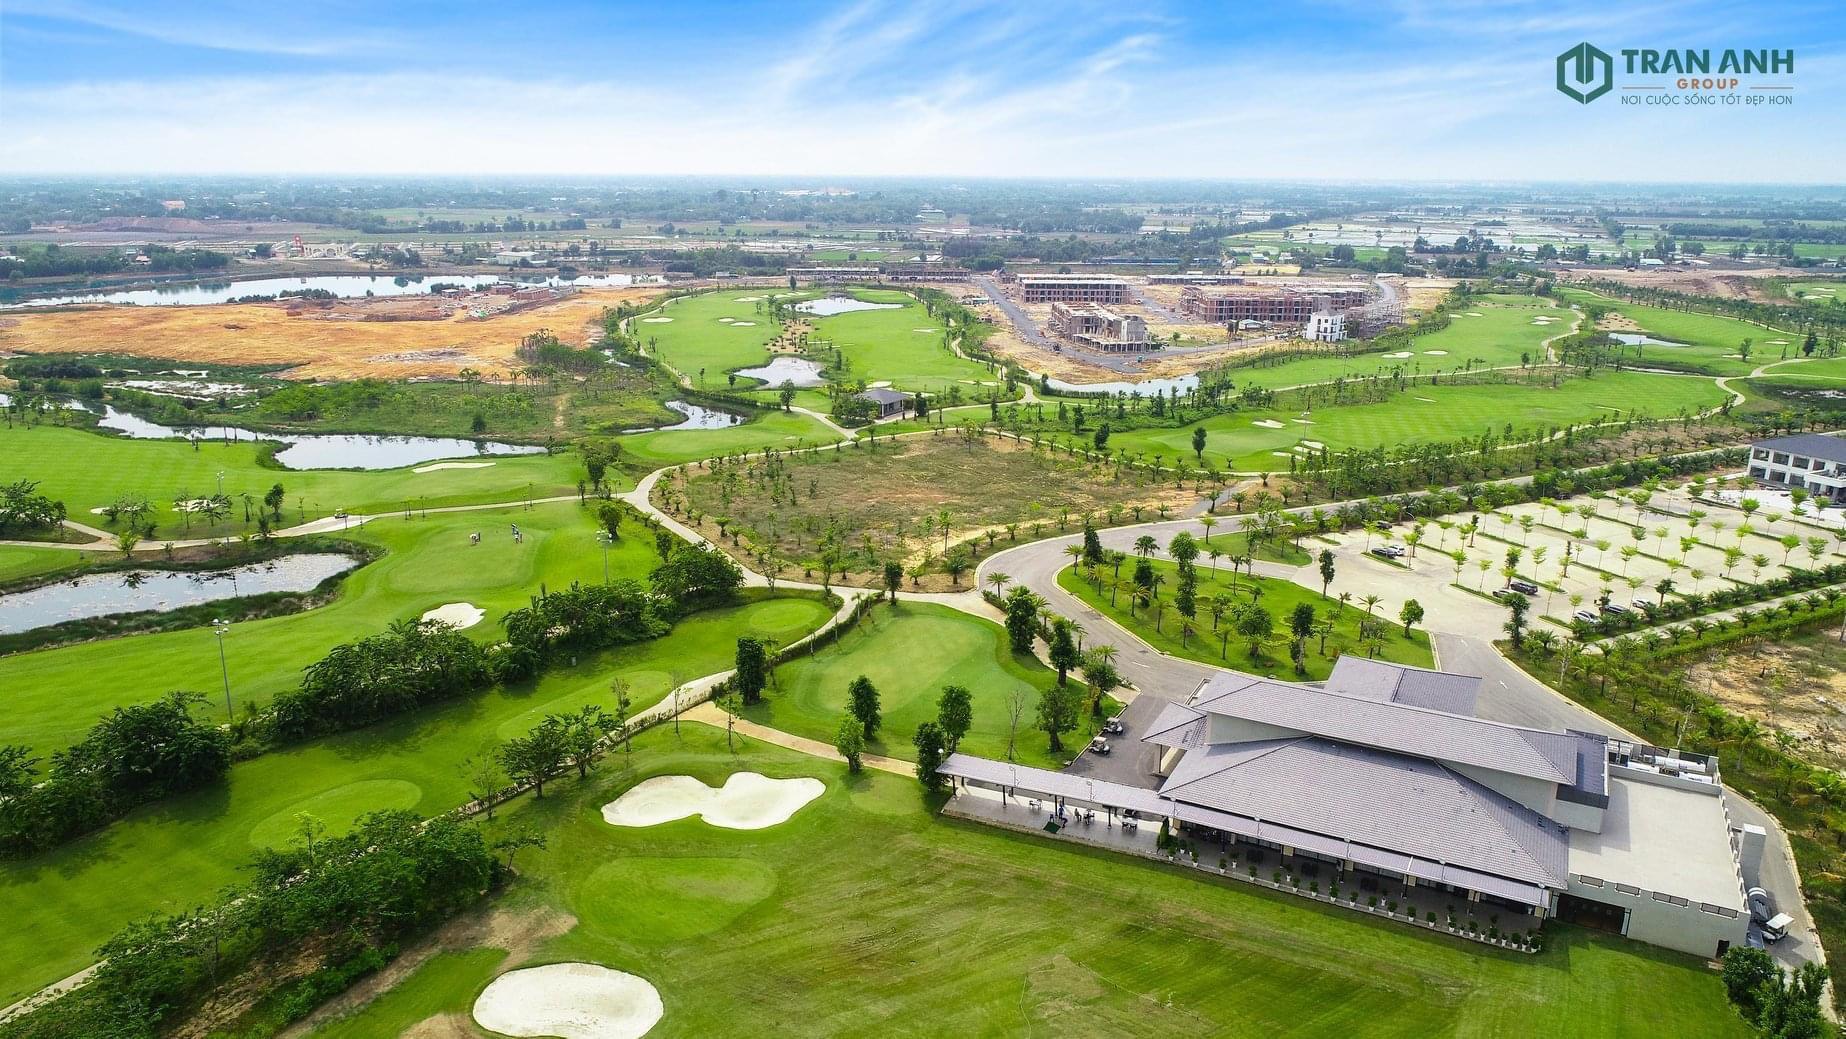 West lake Golf & Villas xu hướng biệt thự nghỉ dưỡng tiên phong